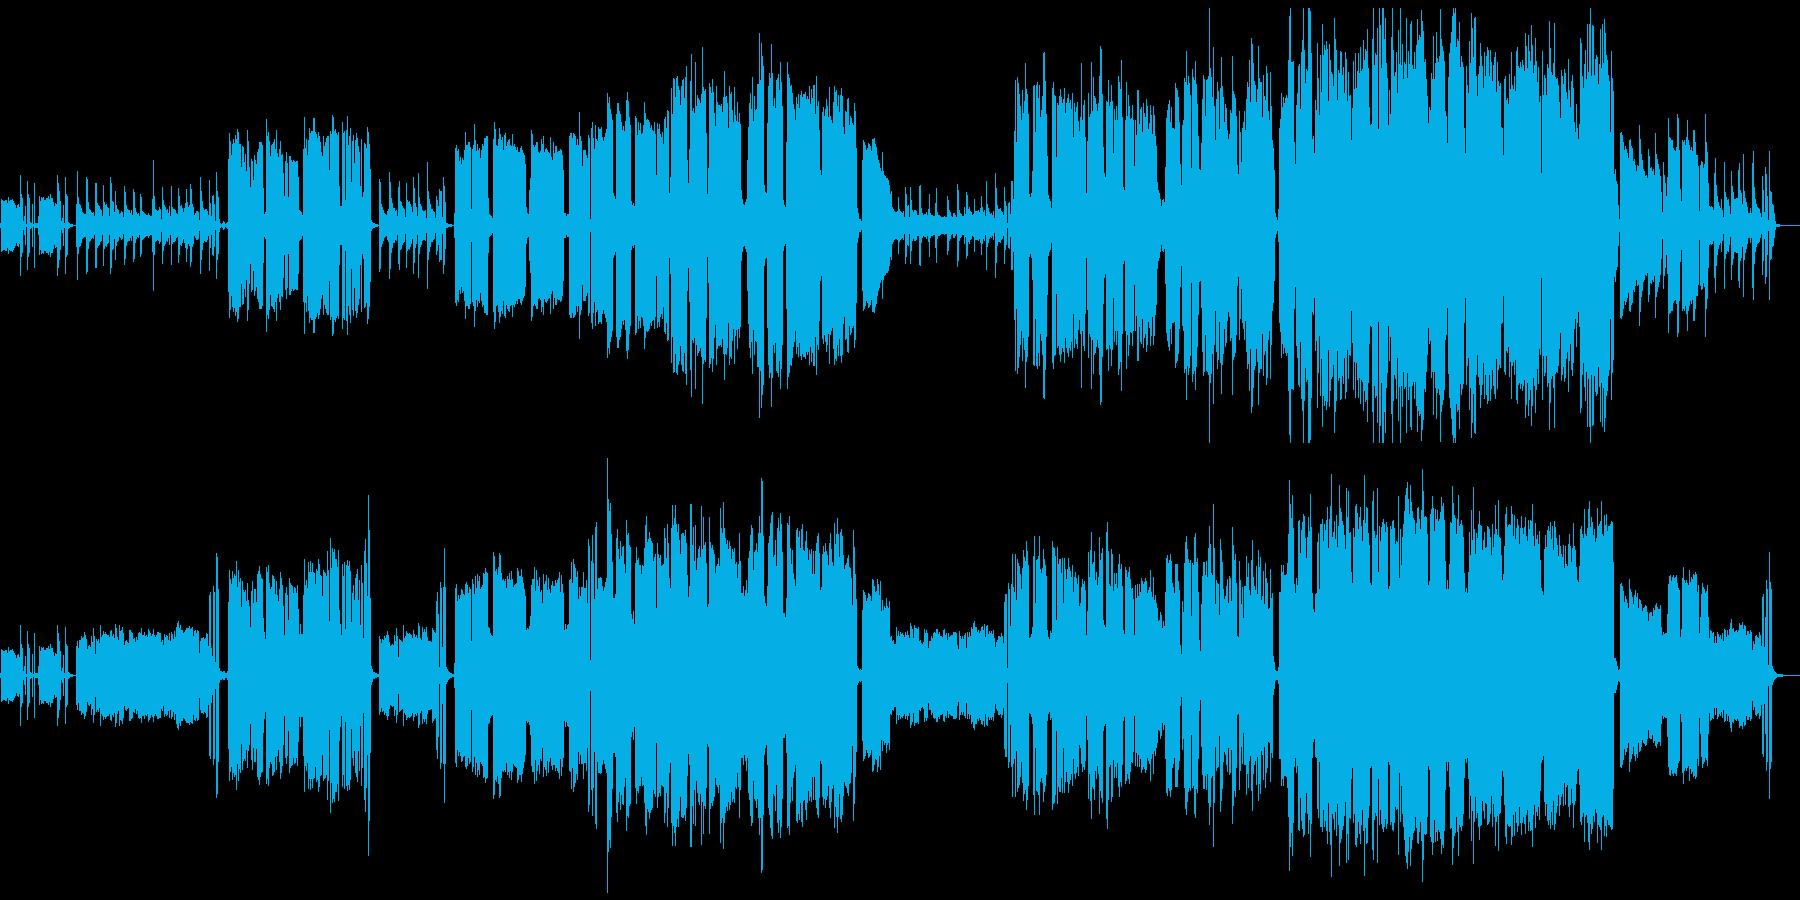 男性ボーカル2人とアコギとエレキの生演奏の再生済みの波形